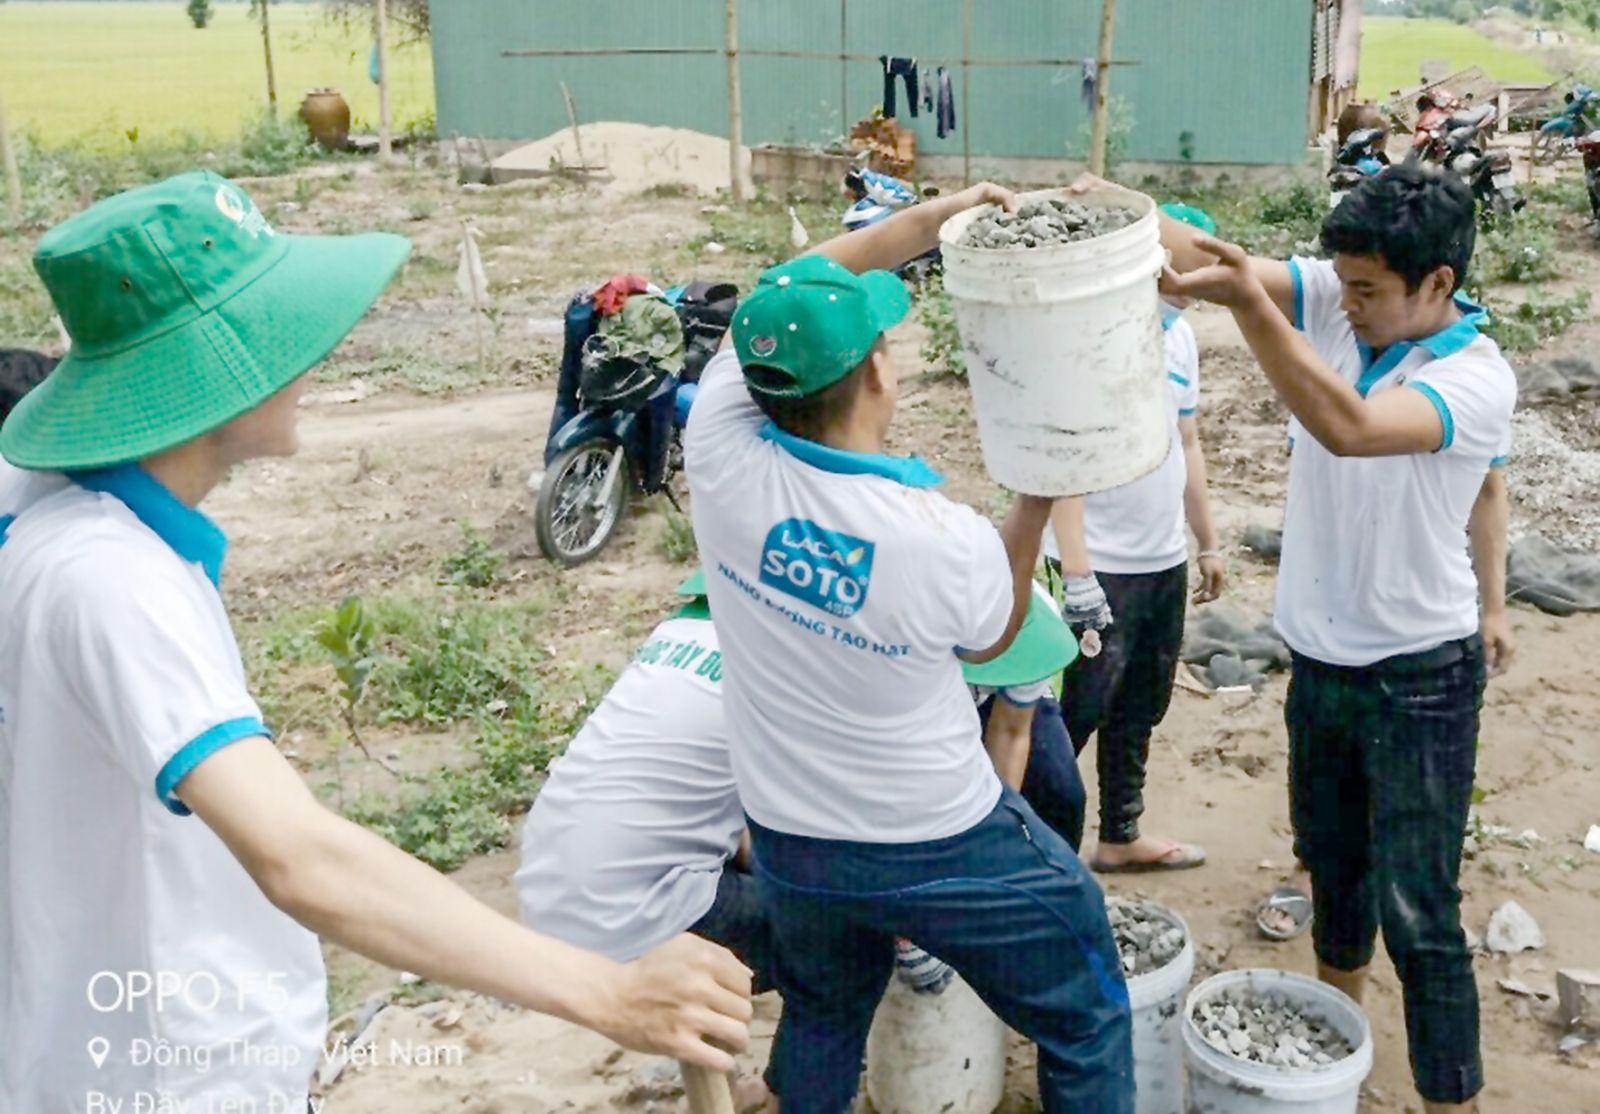 Các hoạt động tình nguyện sẽ giúp các bạn trẻ mở rộng lòng mình, giảm căng thẳng trong cuộc sống. Ảnh: CTV